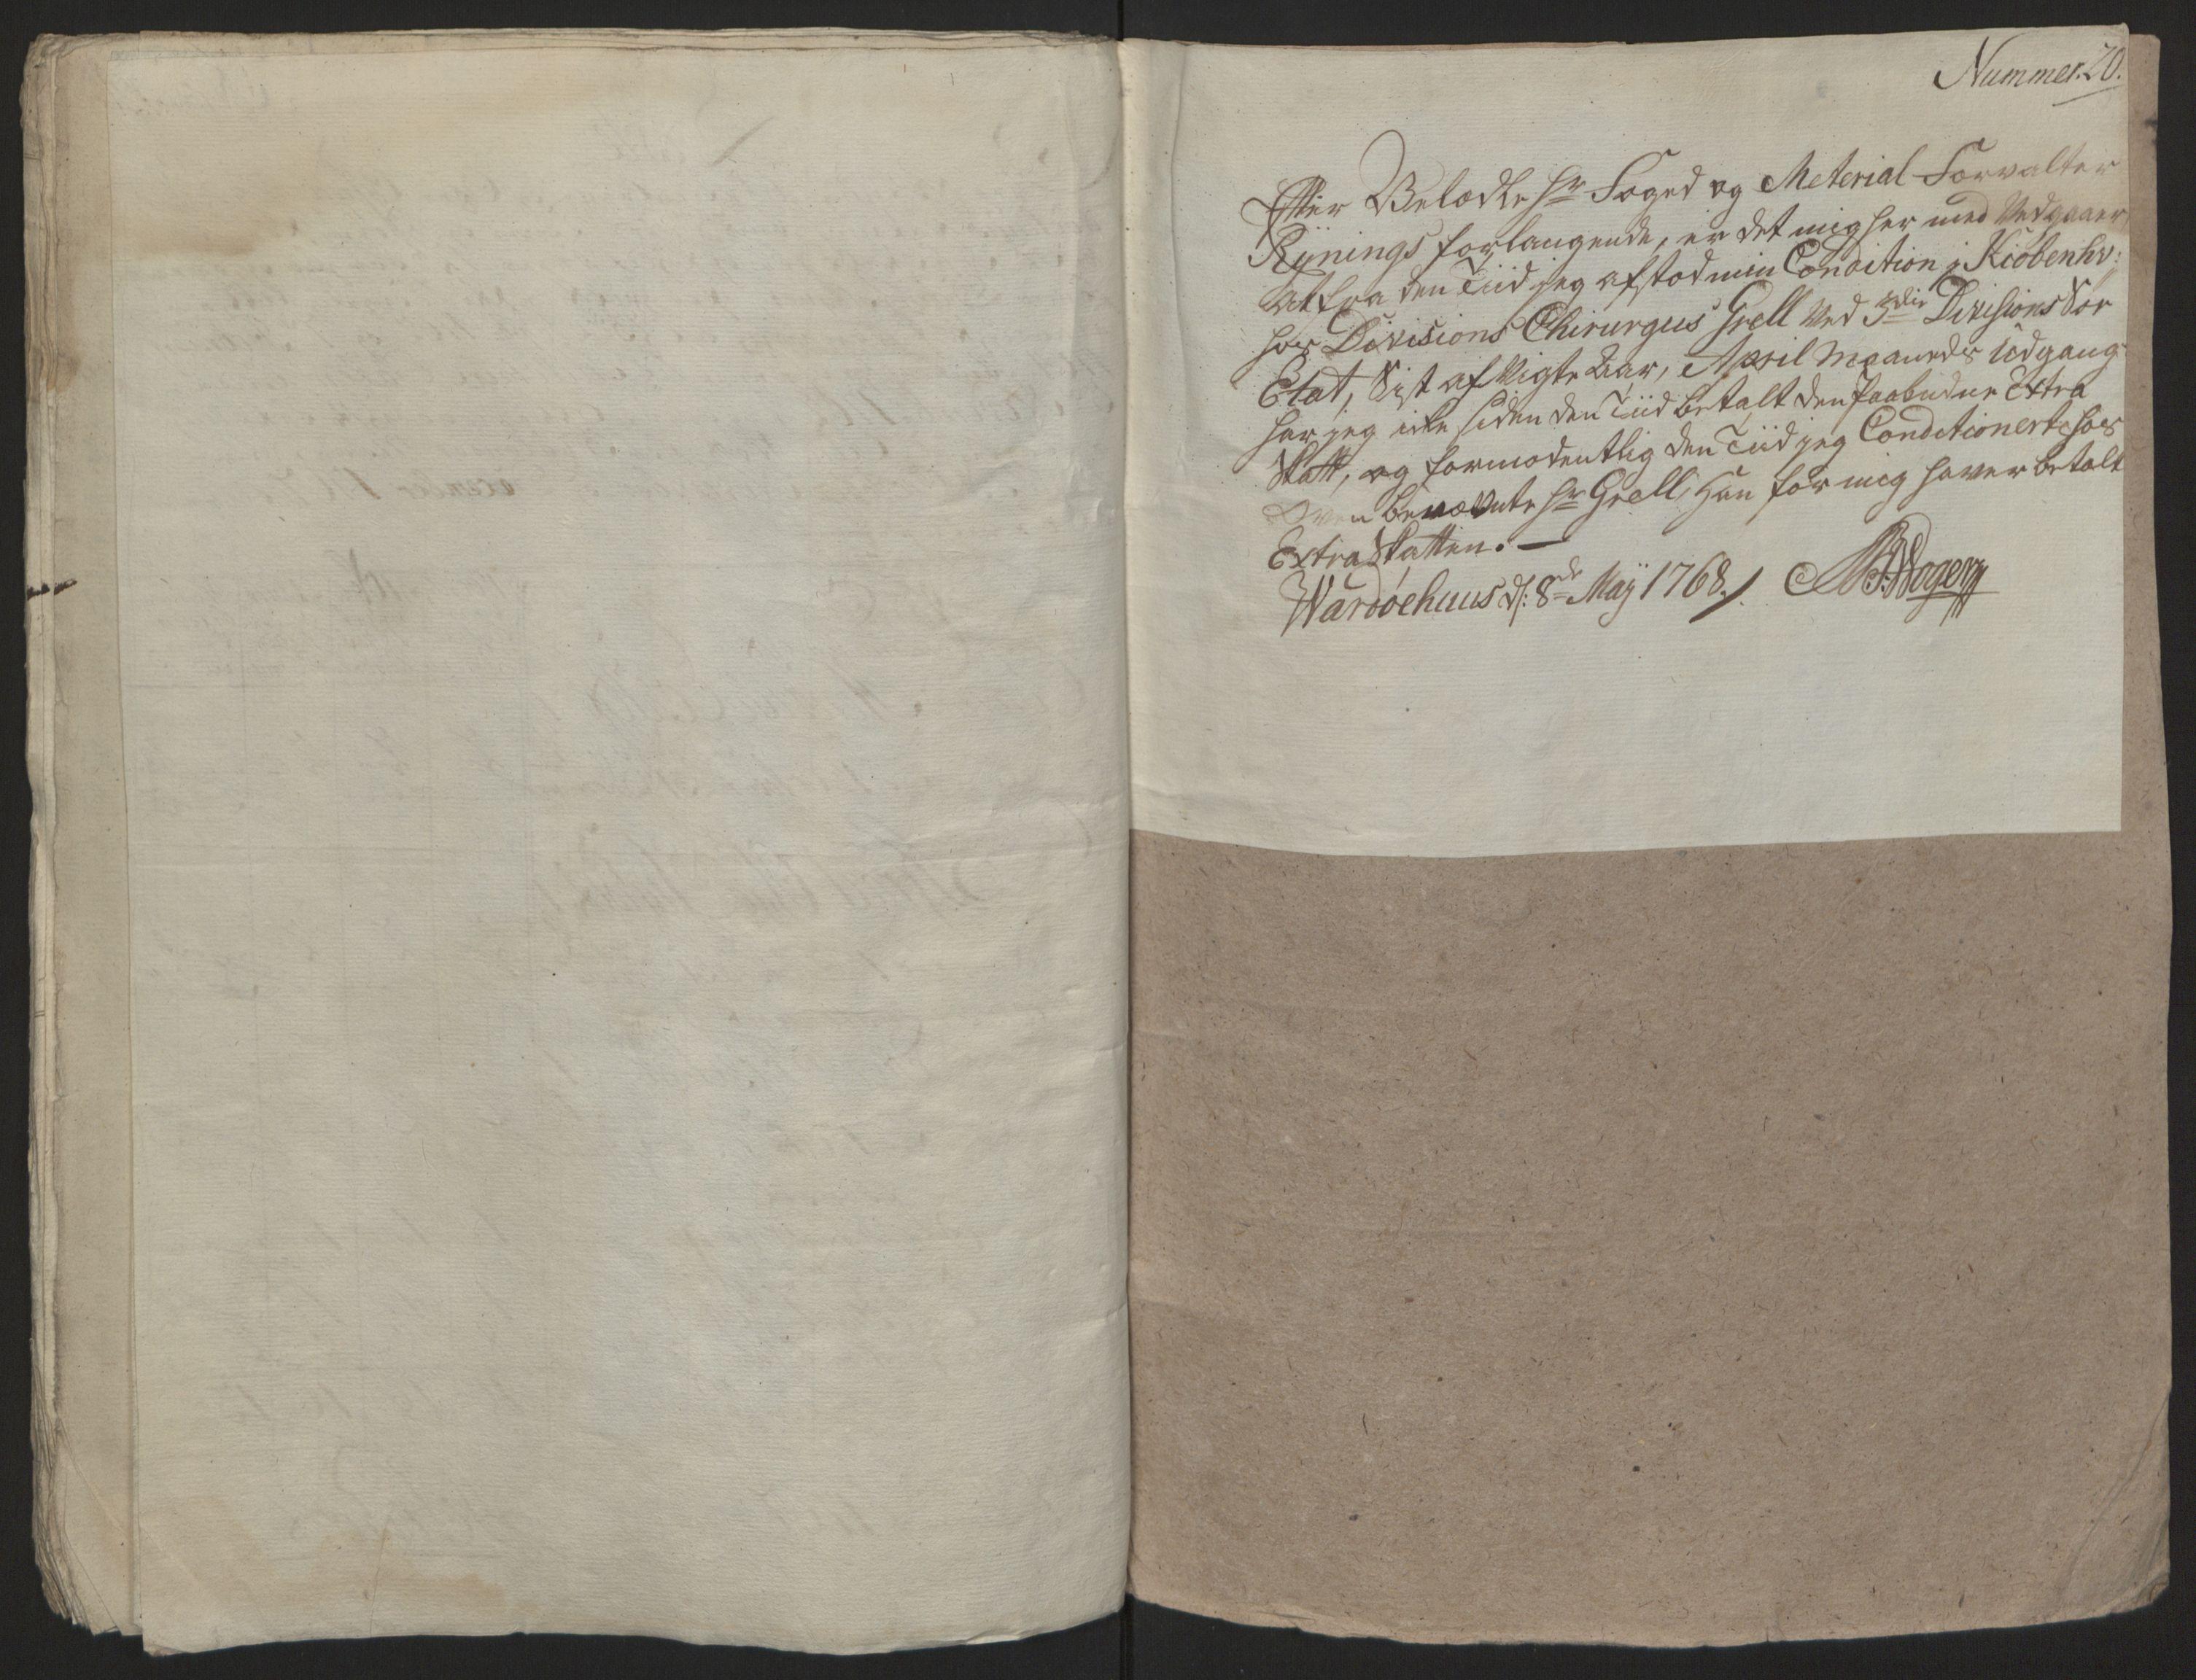 RA, Rentekammeret inntil 1814, Reviderte regnskaper, Fogderegnskap, R69/L4910: Ekstraskatten  Finnmark/Vardøhus, 1762-1772, s. 243